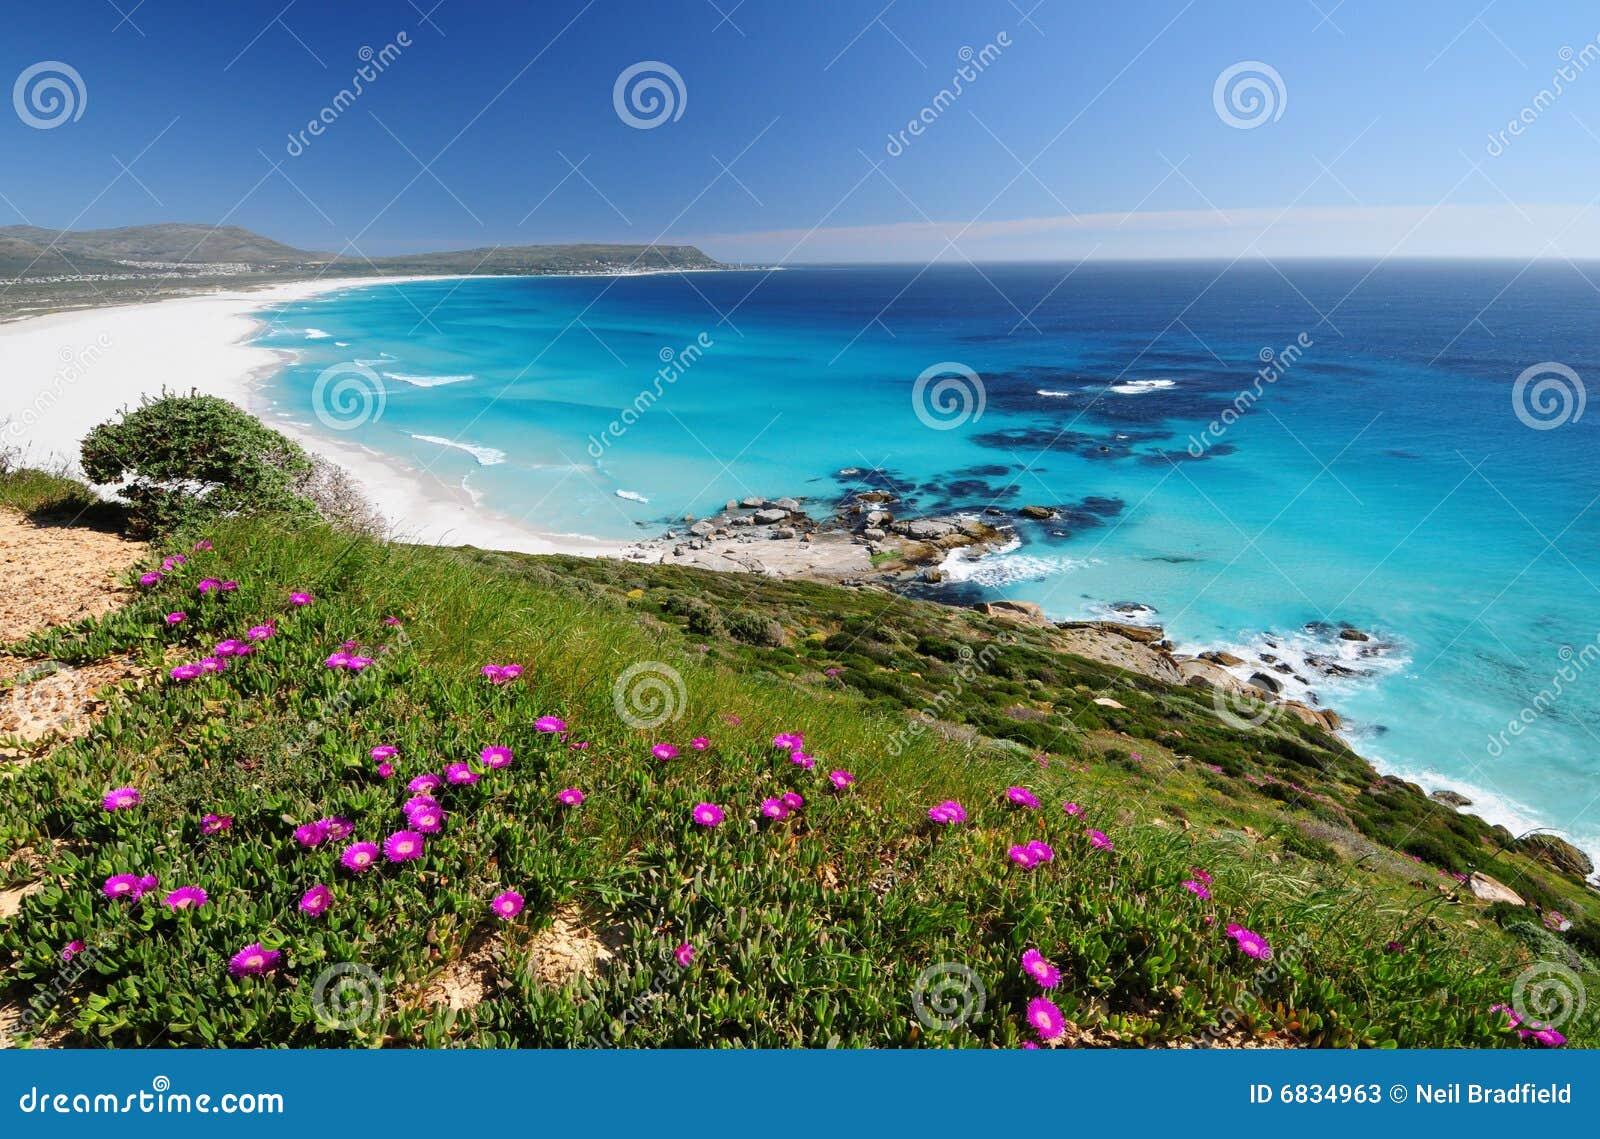 海角花卉远景